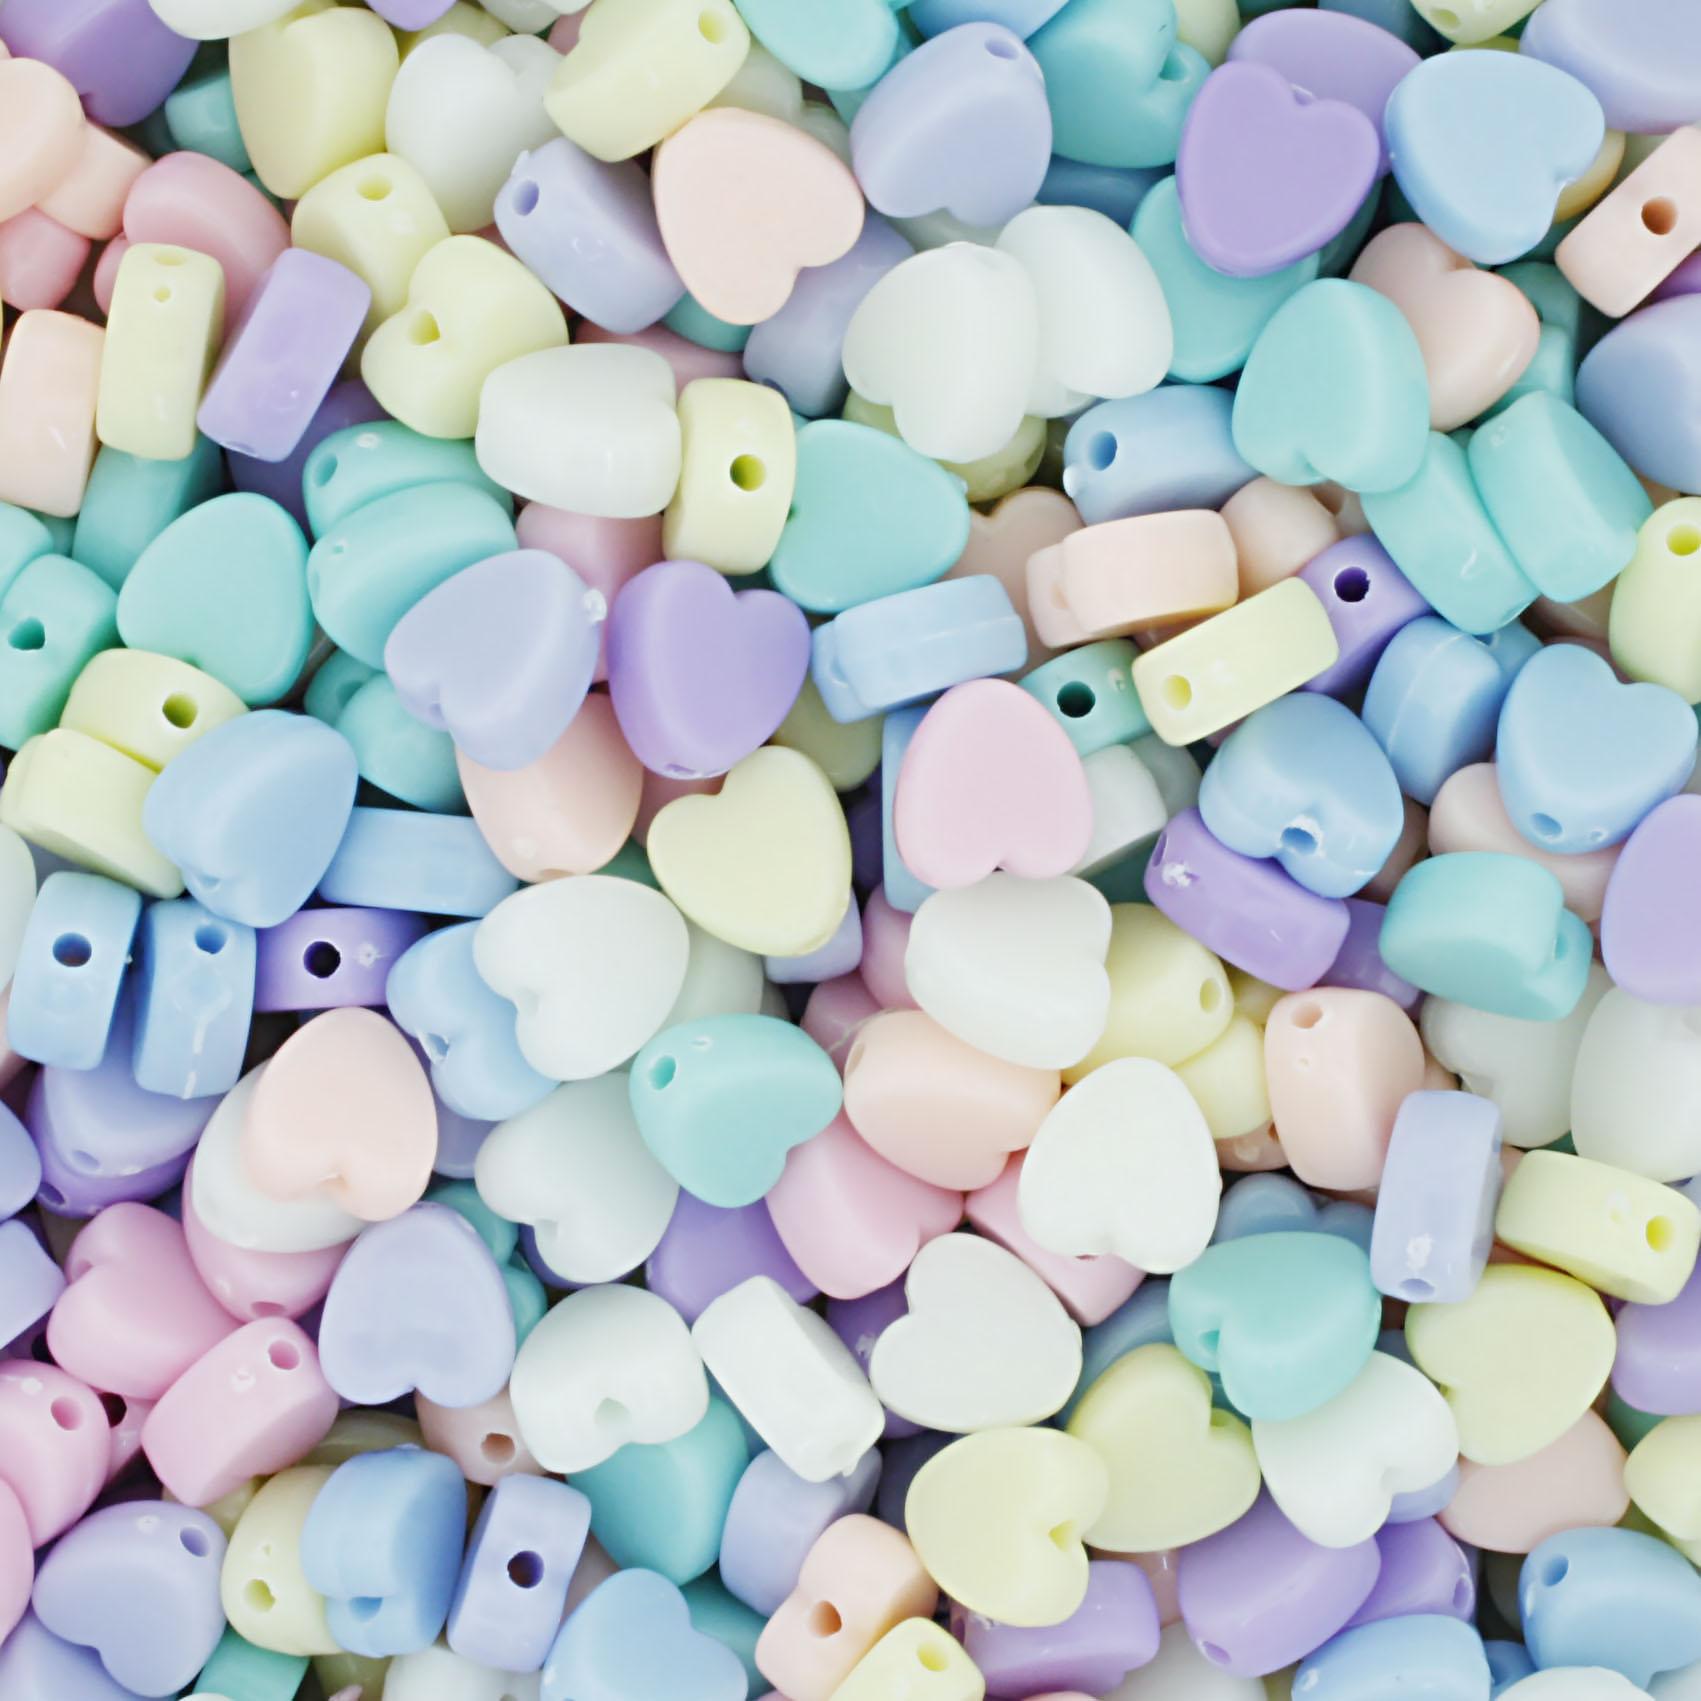 Miçanga Colorida Infantil - Coração Candy  - Stéphanie Bijoux® - Peças para Bijuterias e Artesanato